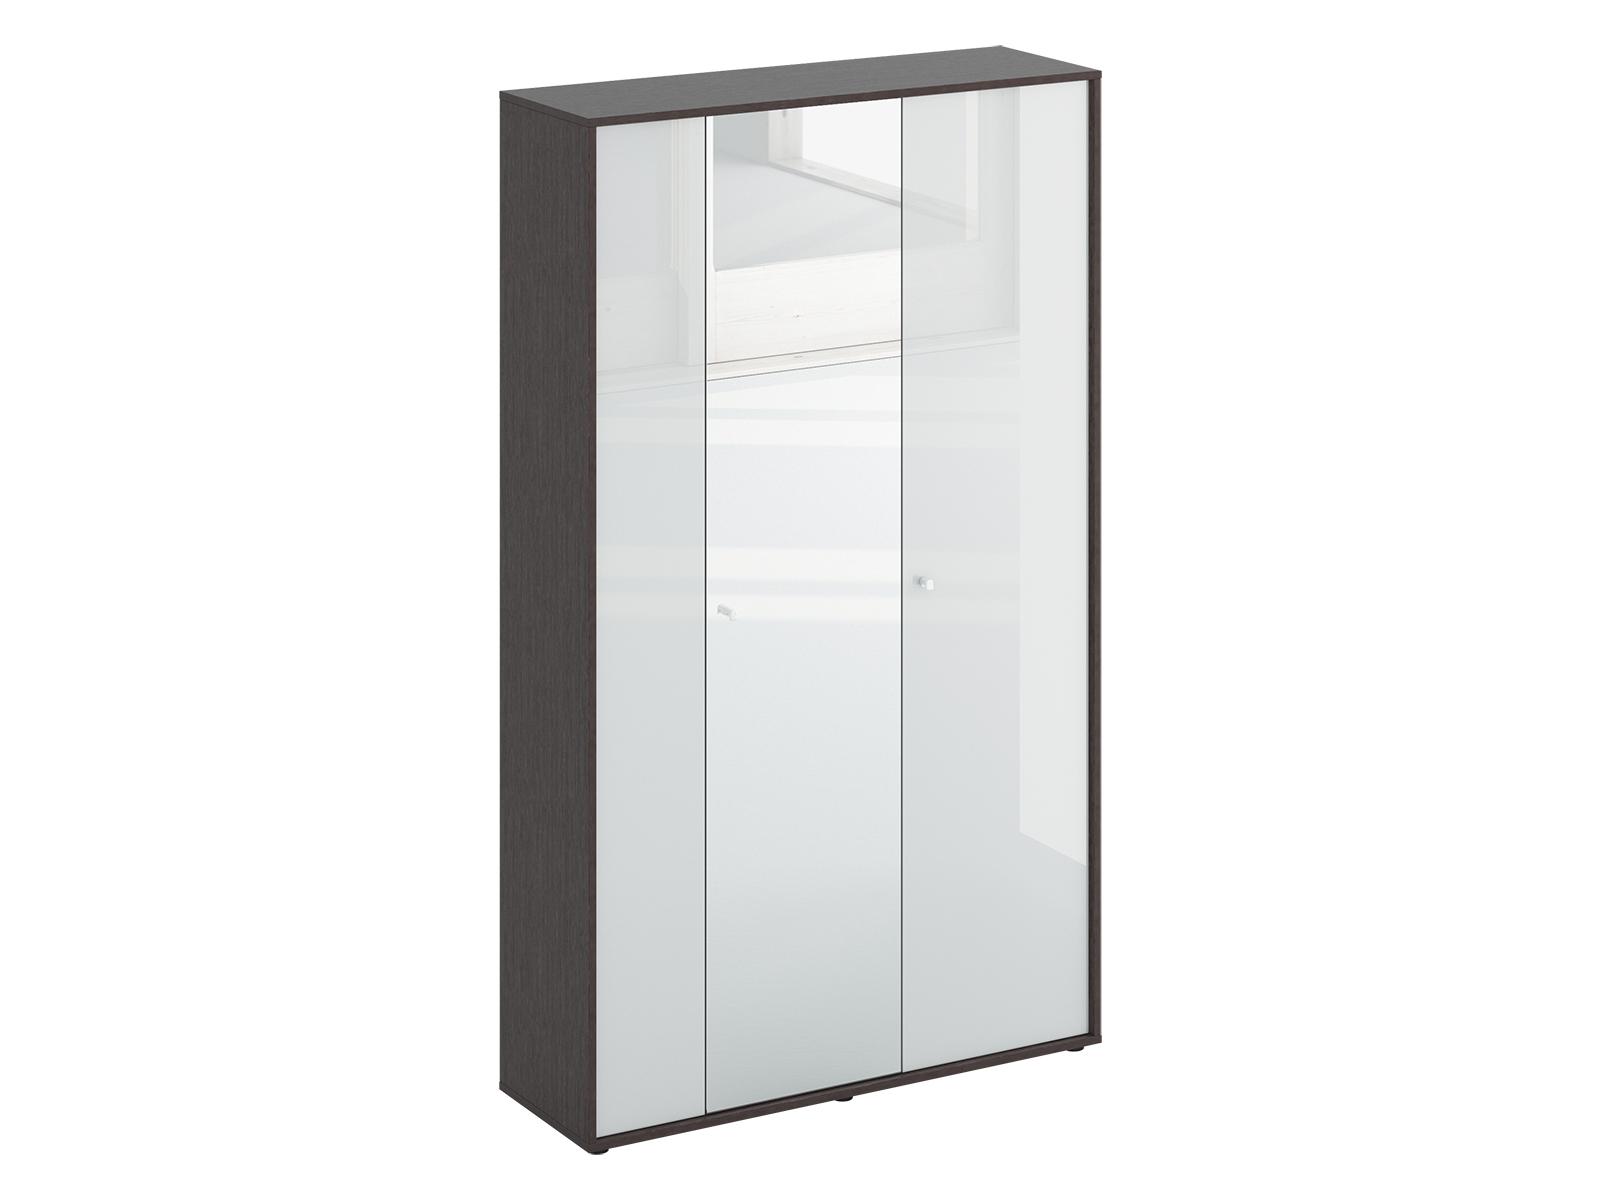 Шкаф трехдверный LatteШкафы и вешалки<br>Шкаф трехдверный. Шкаф стостоит из двух отделений. В большом отделении за двумя распашными дверцами расположены выдвижная штанга для одежды и две полки. В правом отделении расположены 5 полок. Шкаф крепится к стене.<br>